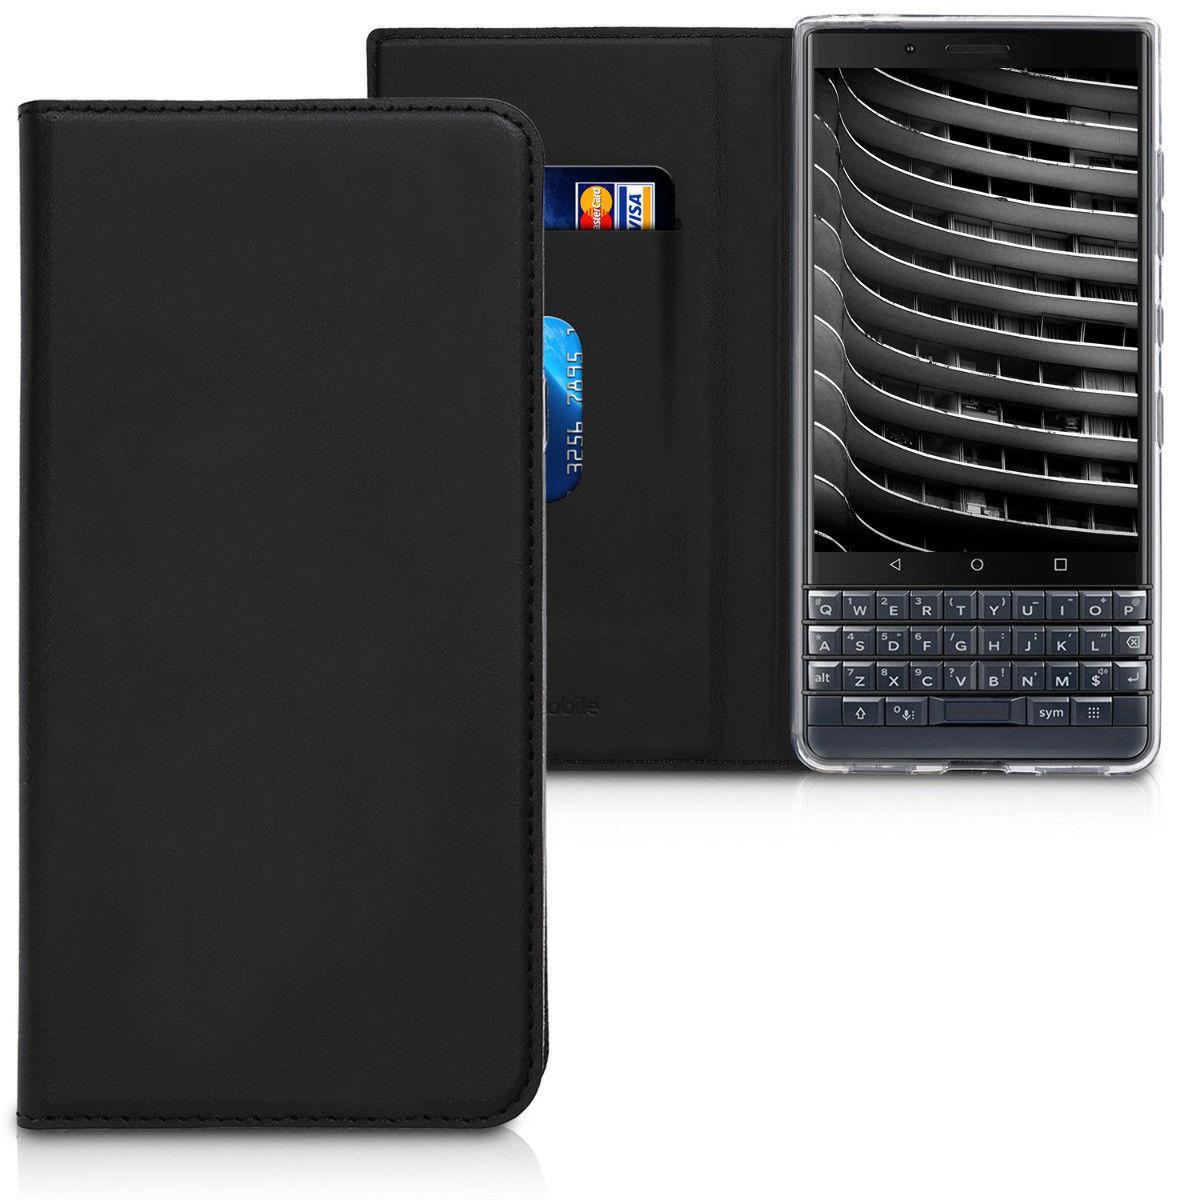 Pouzdro pro Blackberry Key2 LE černé